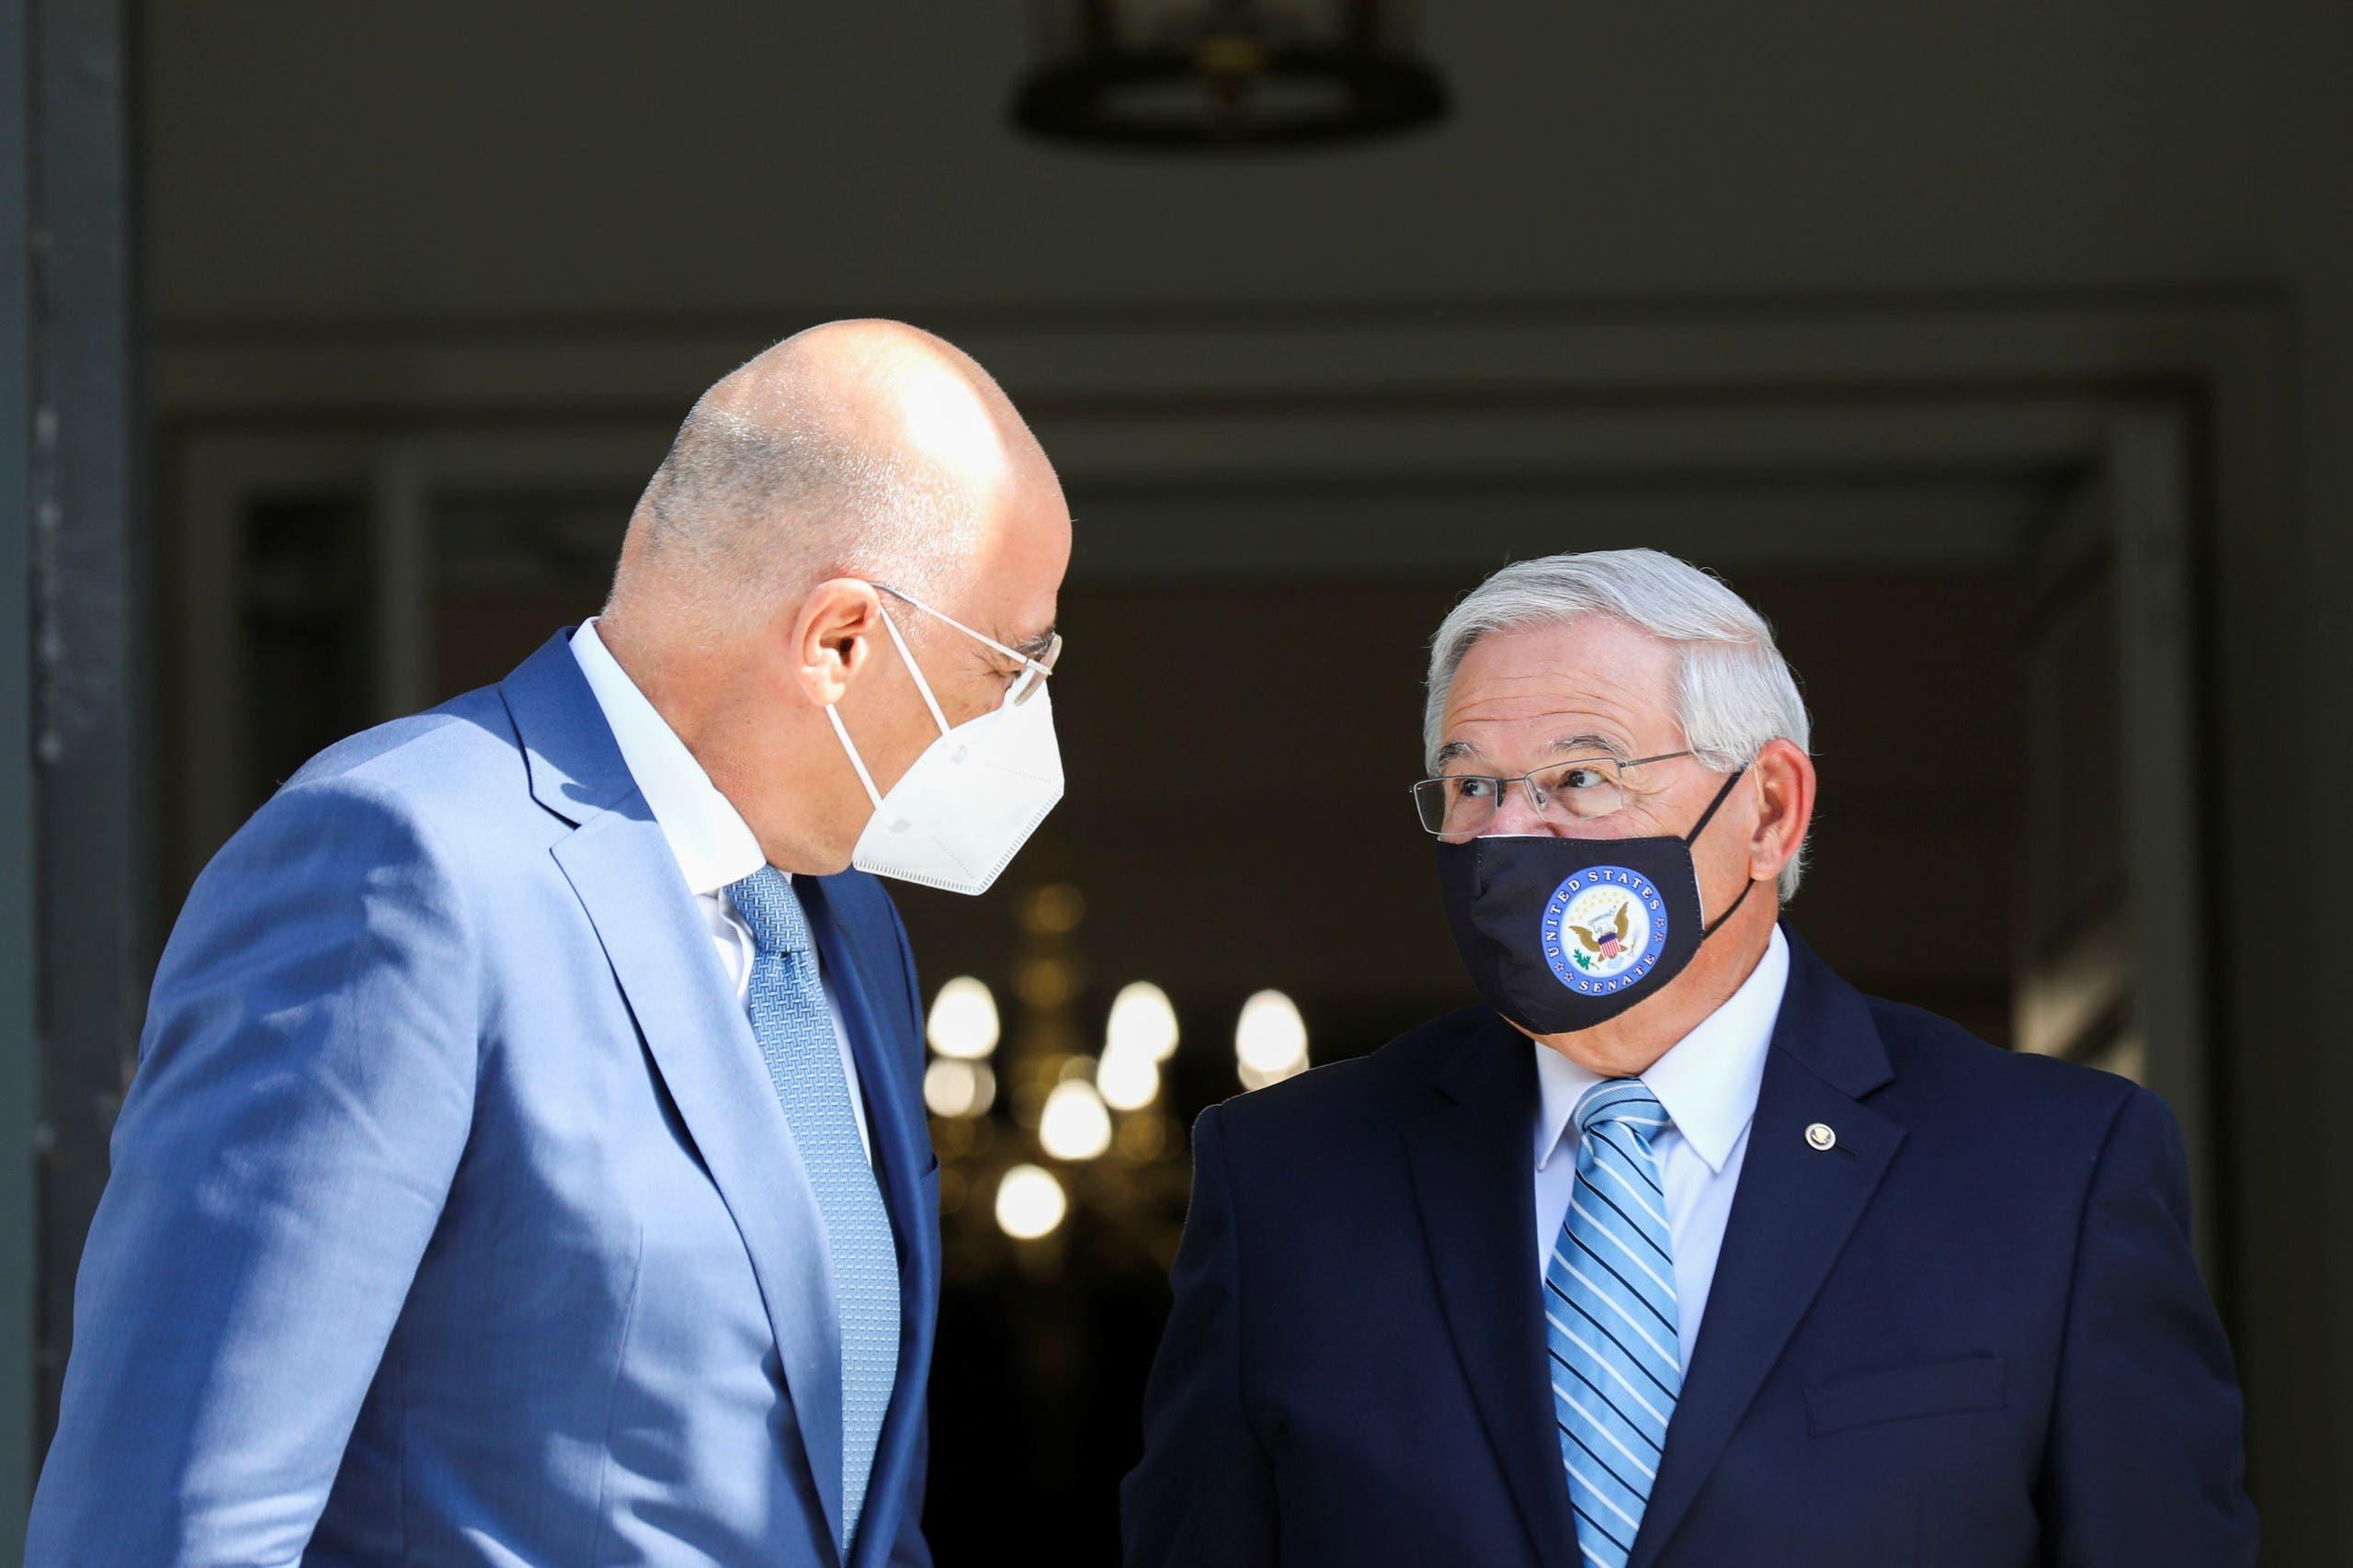 بوب مينينديز ونيكوس ديندياس في أثينا يوم 27 أغسطس (رويترز)